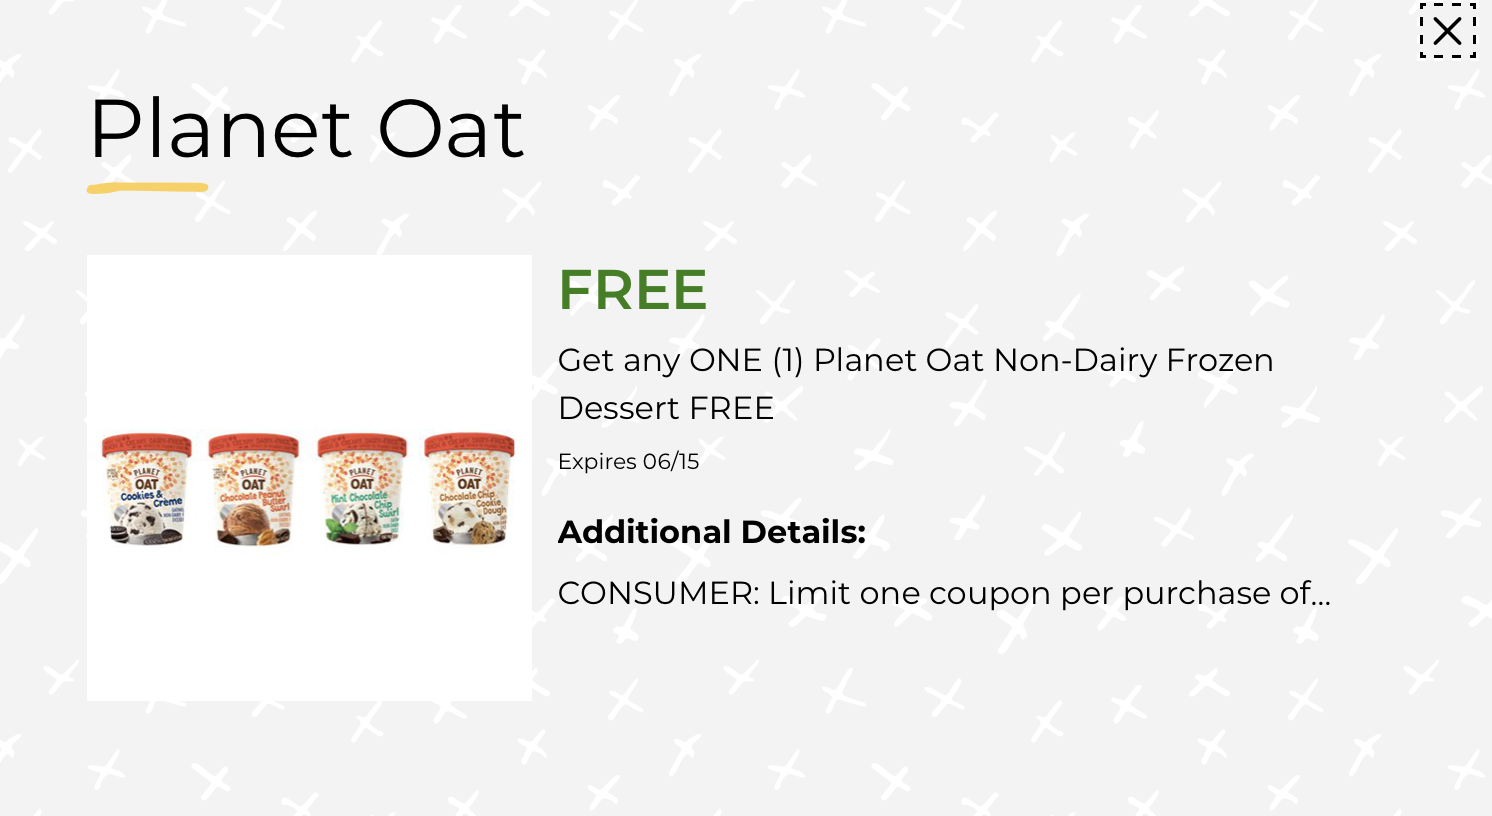 Planet Oat Non-Dairy Frozen Dessert Just $2 At Publix on I Heart Publix 2